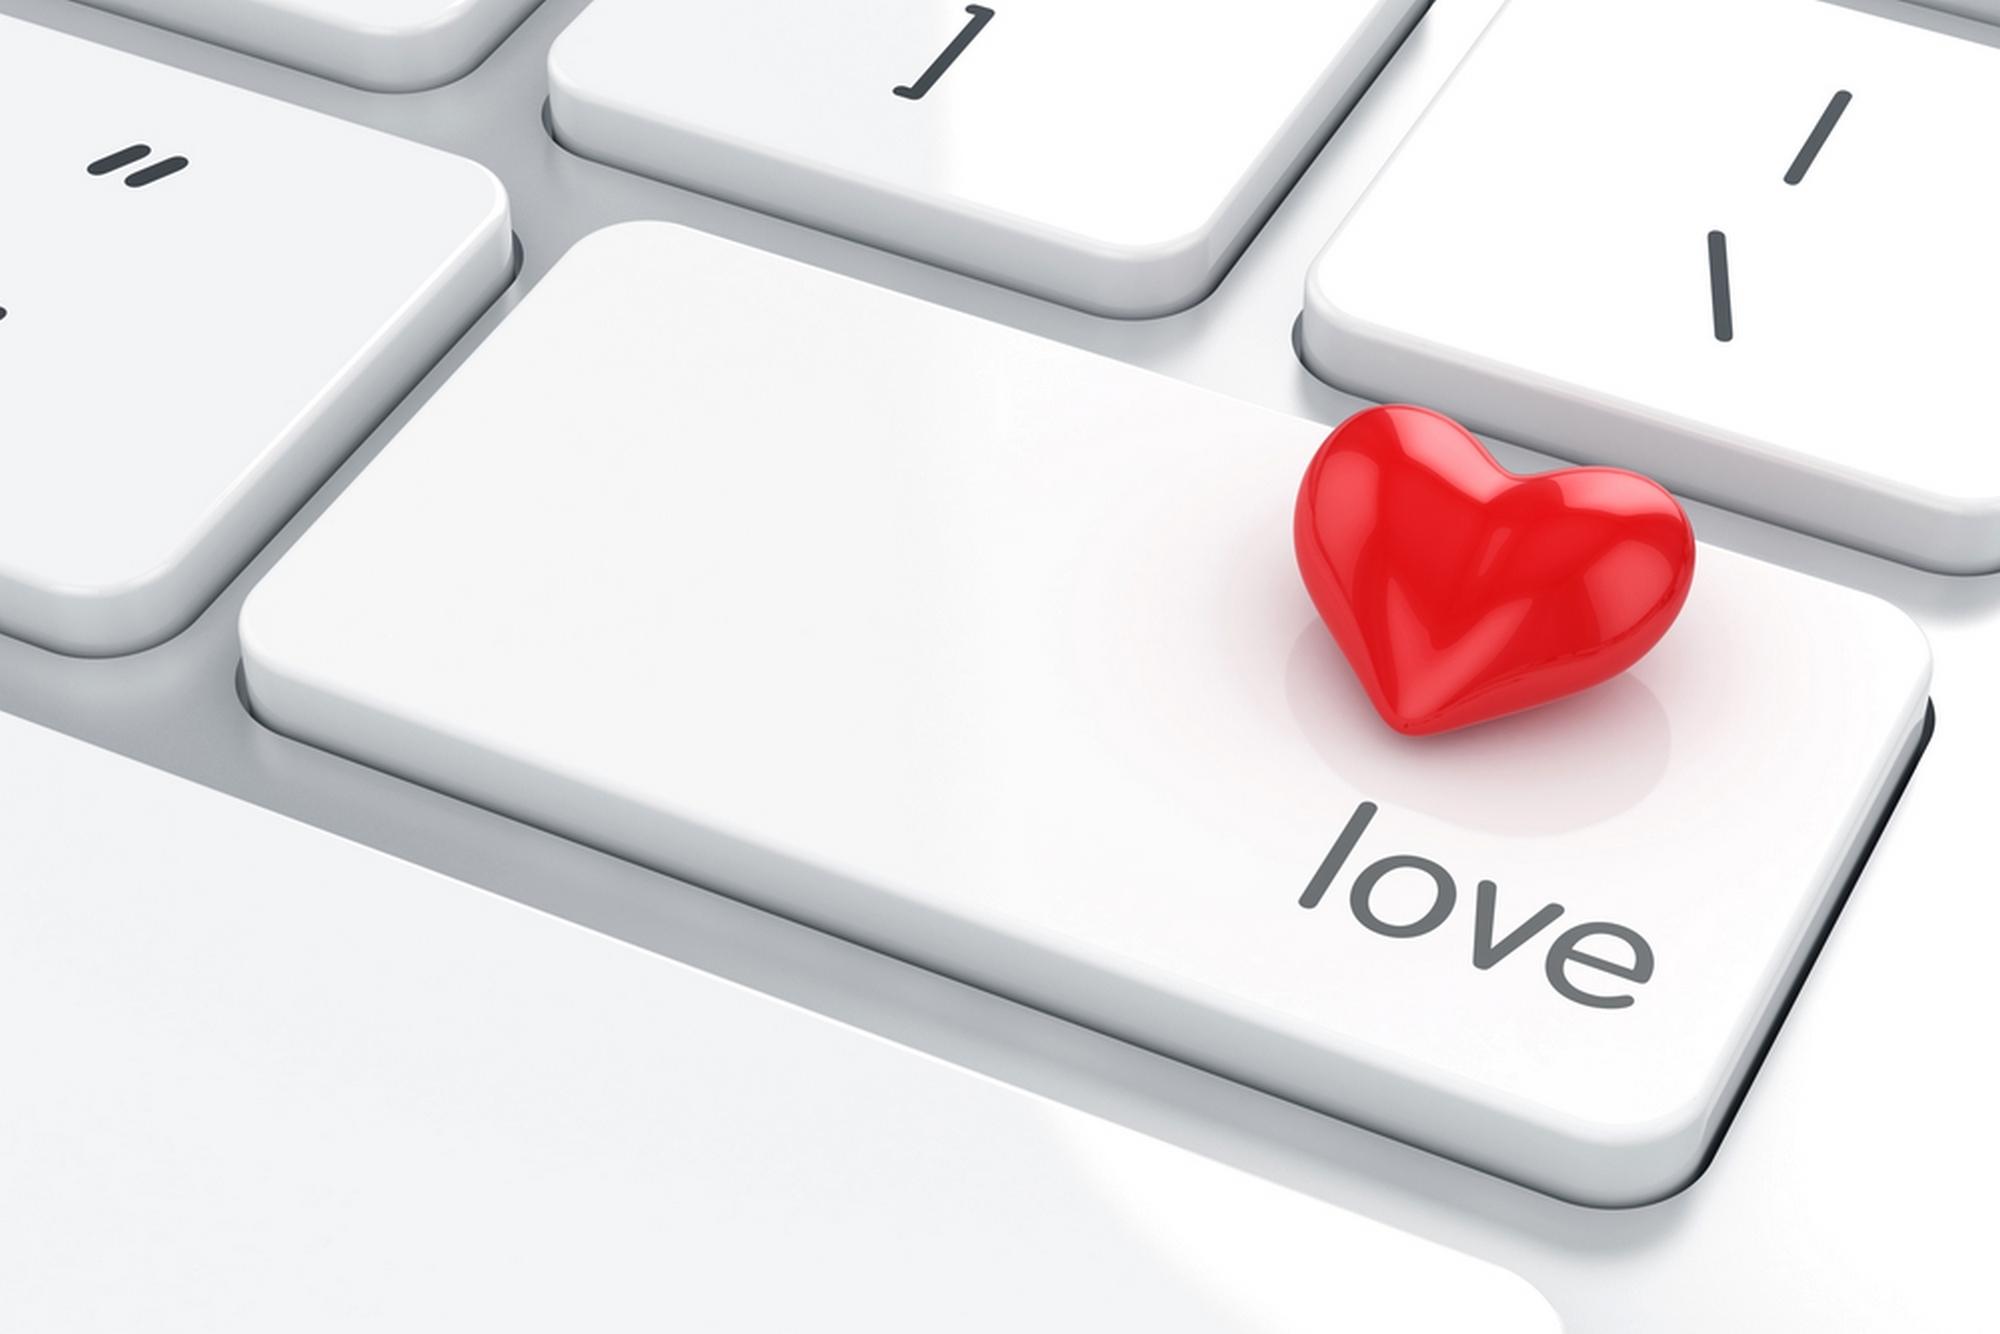 кнопка на клавиатуре  № 661226 загрузить